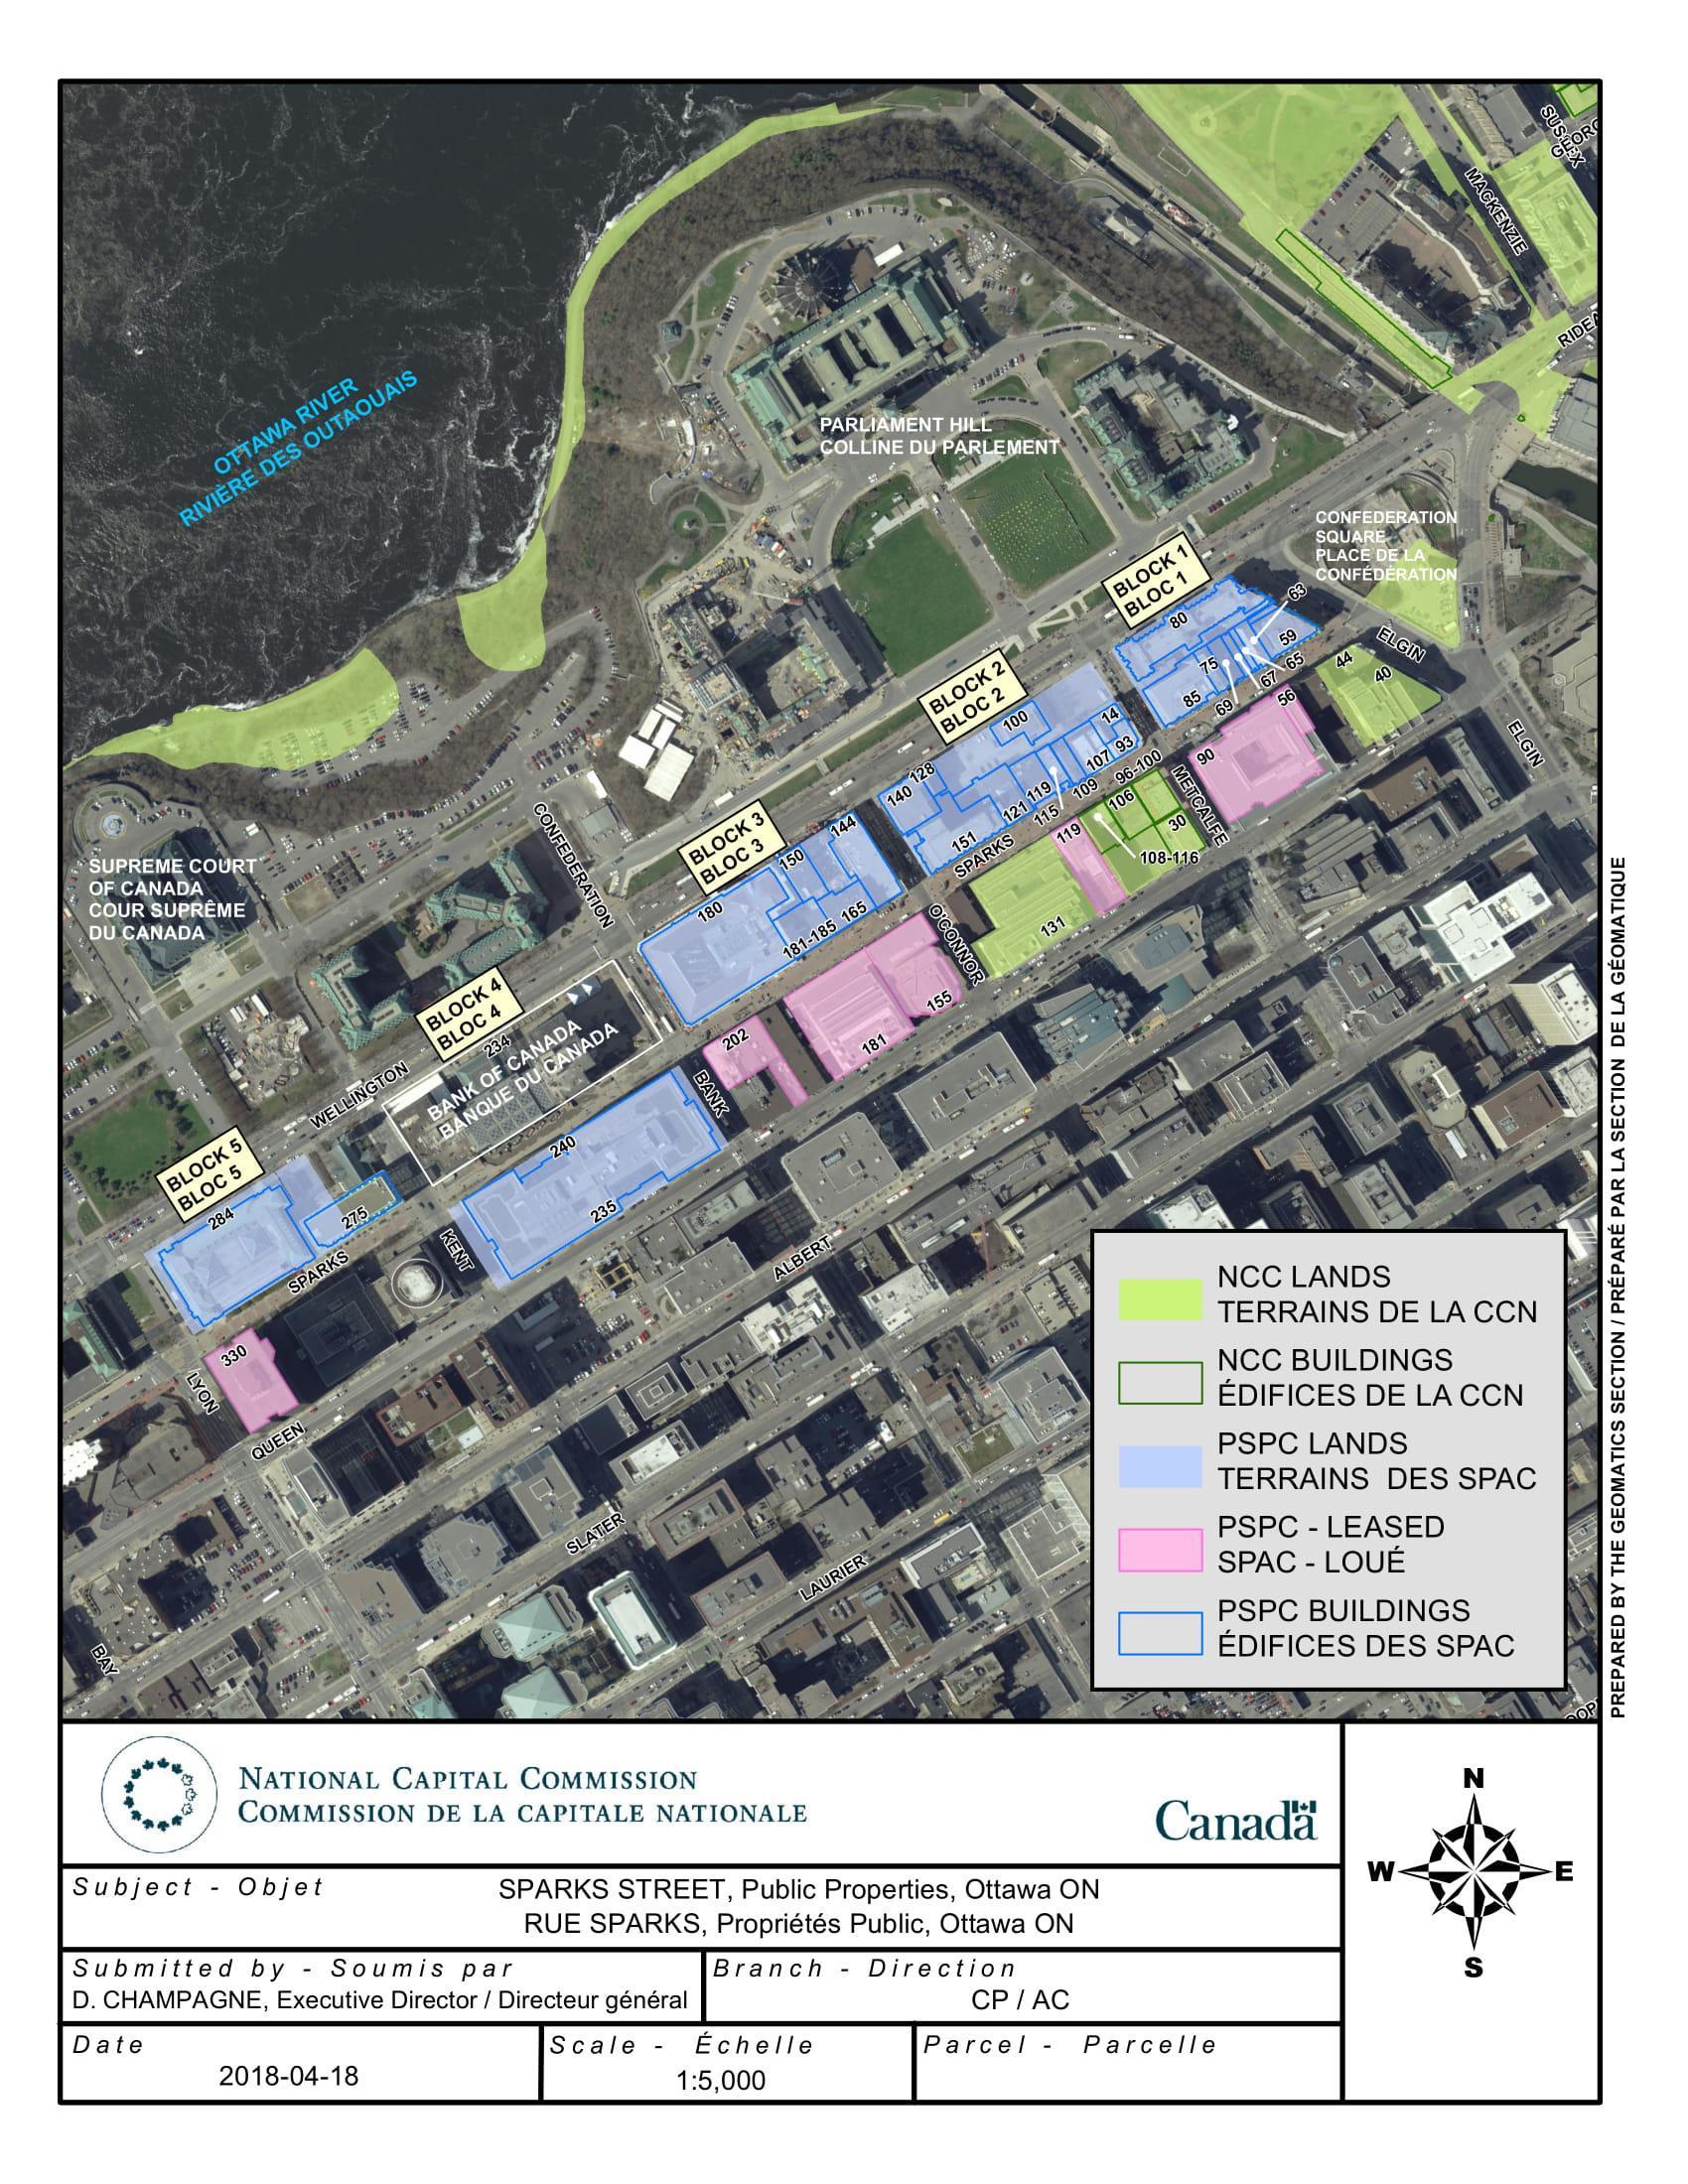 Carte montrant les propriétés publiques sur la rue Sparks